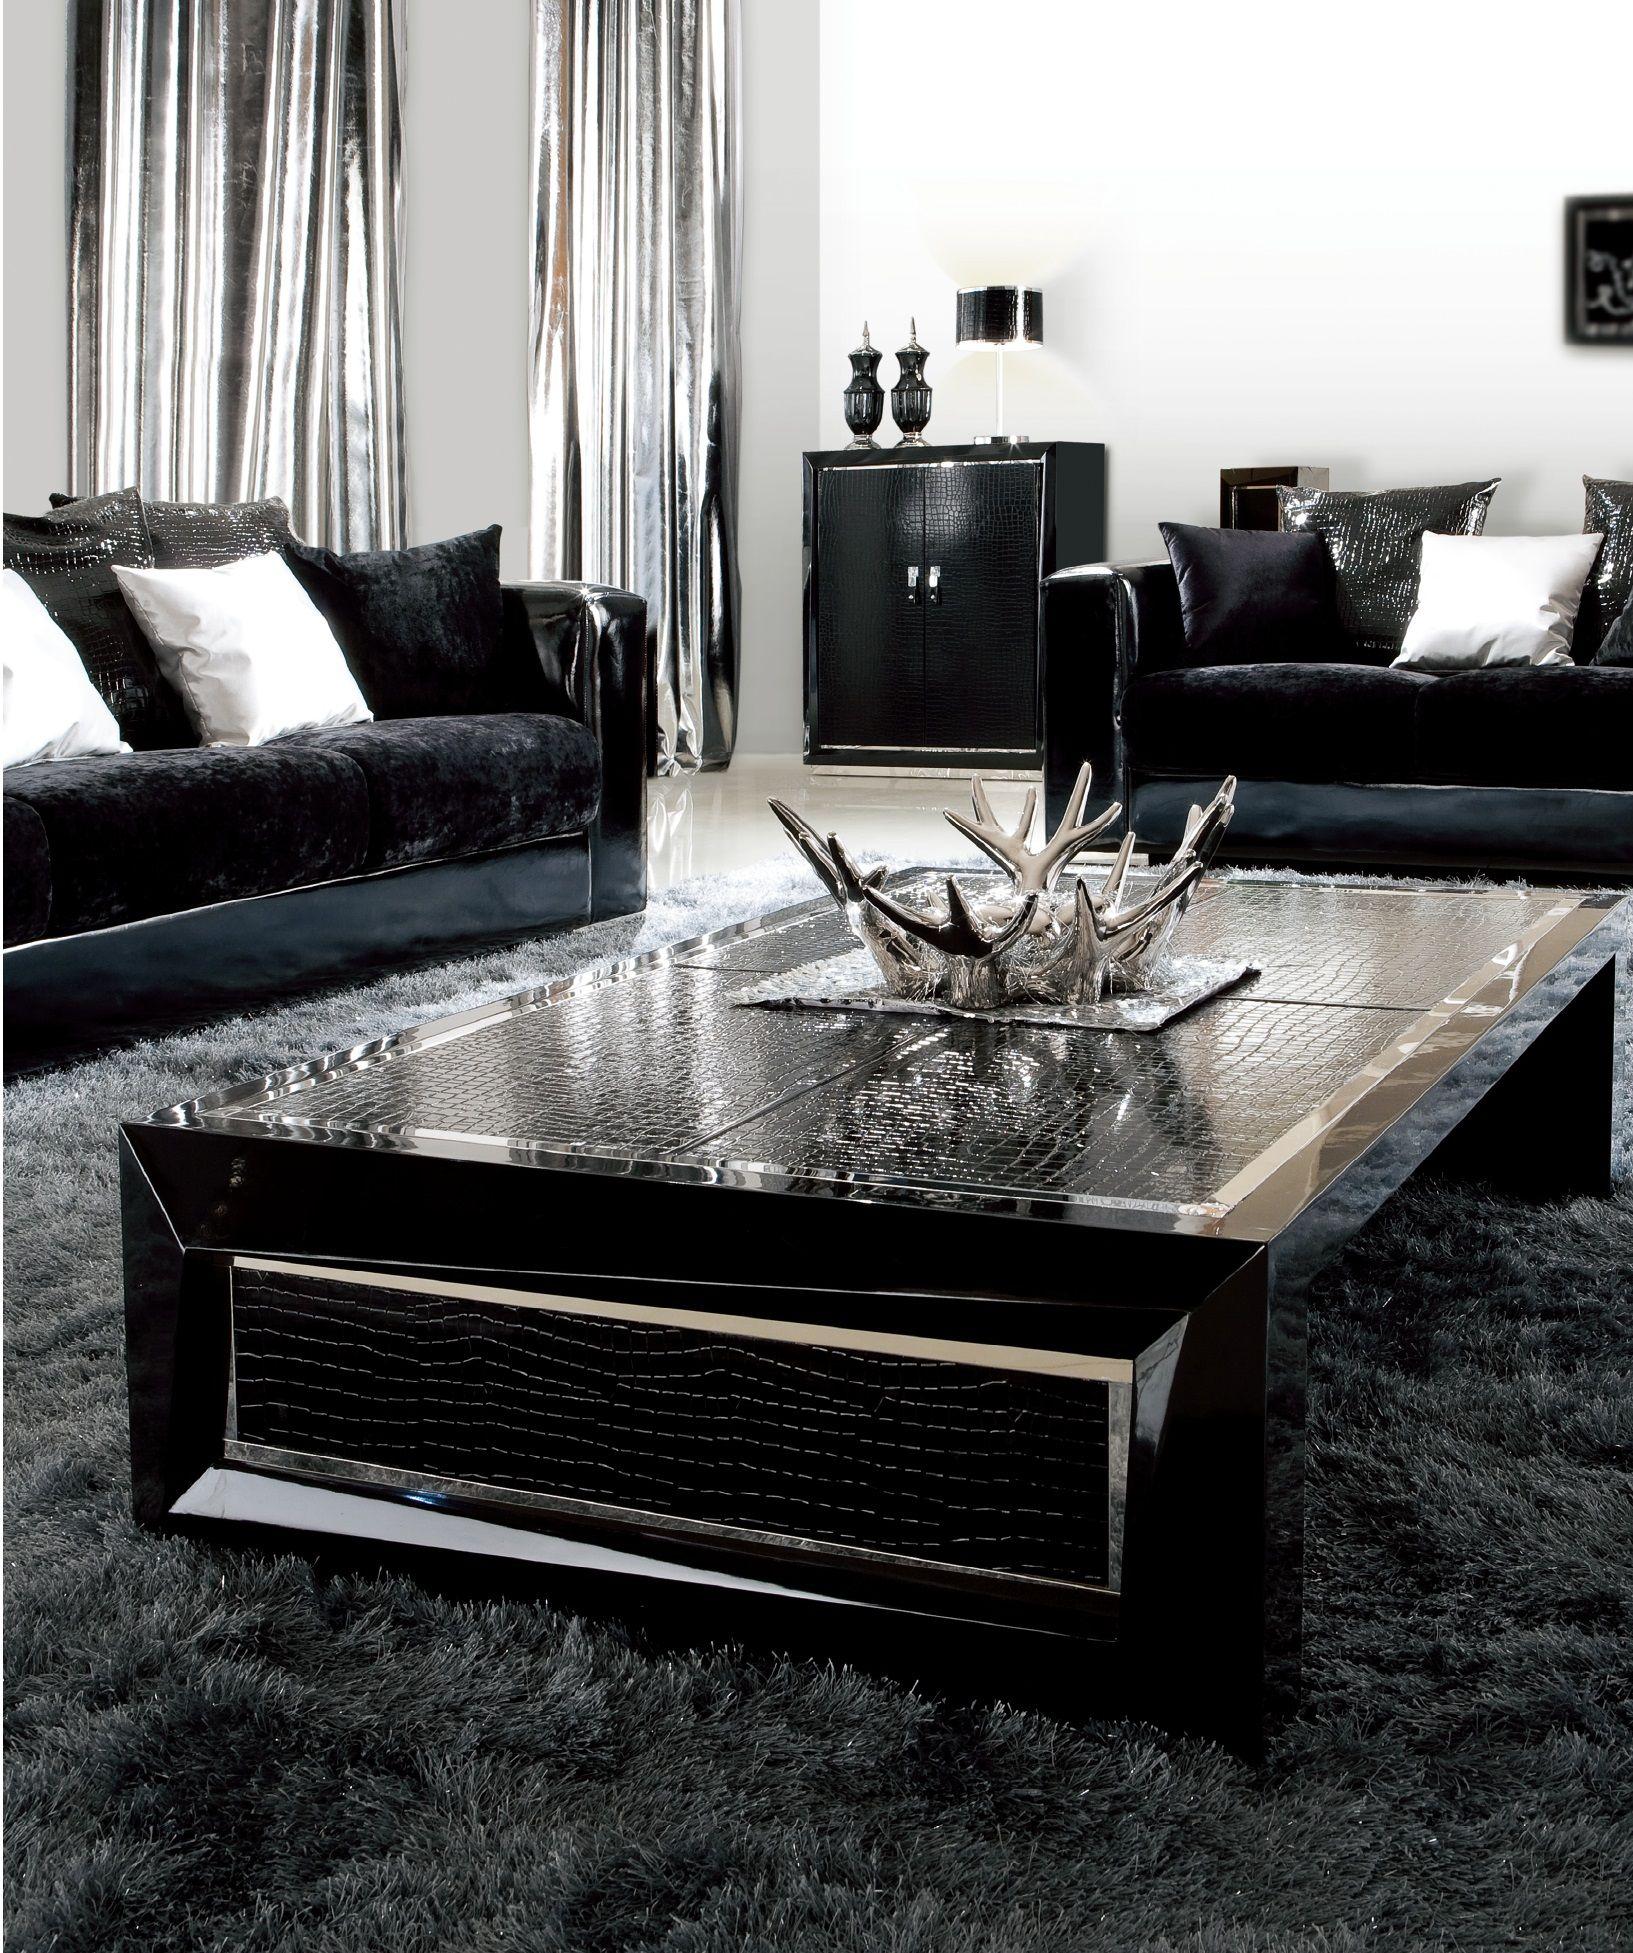 Designer m bel designer sofas serie d002die m bel aus - Designermobel italien ...